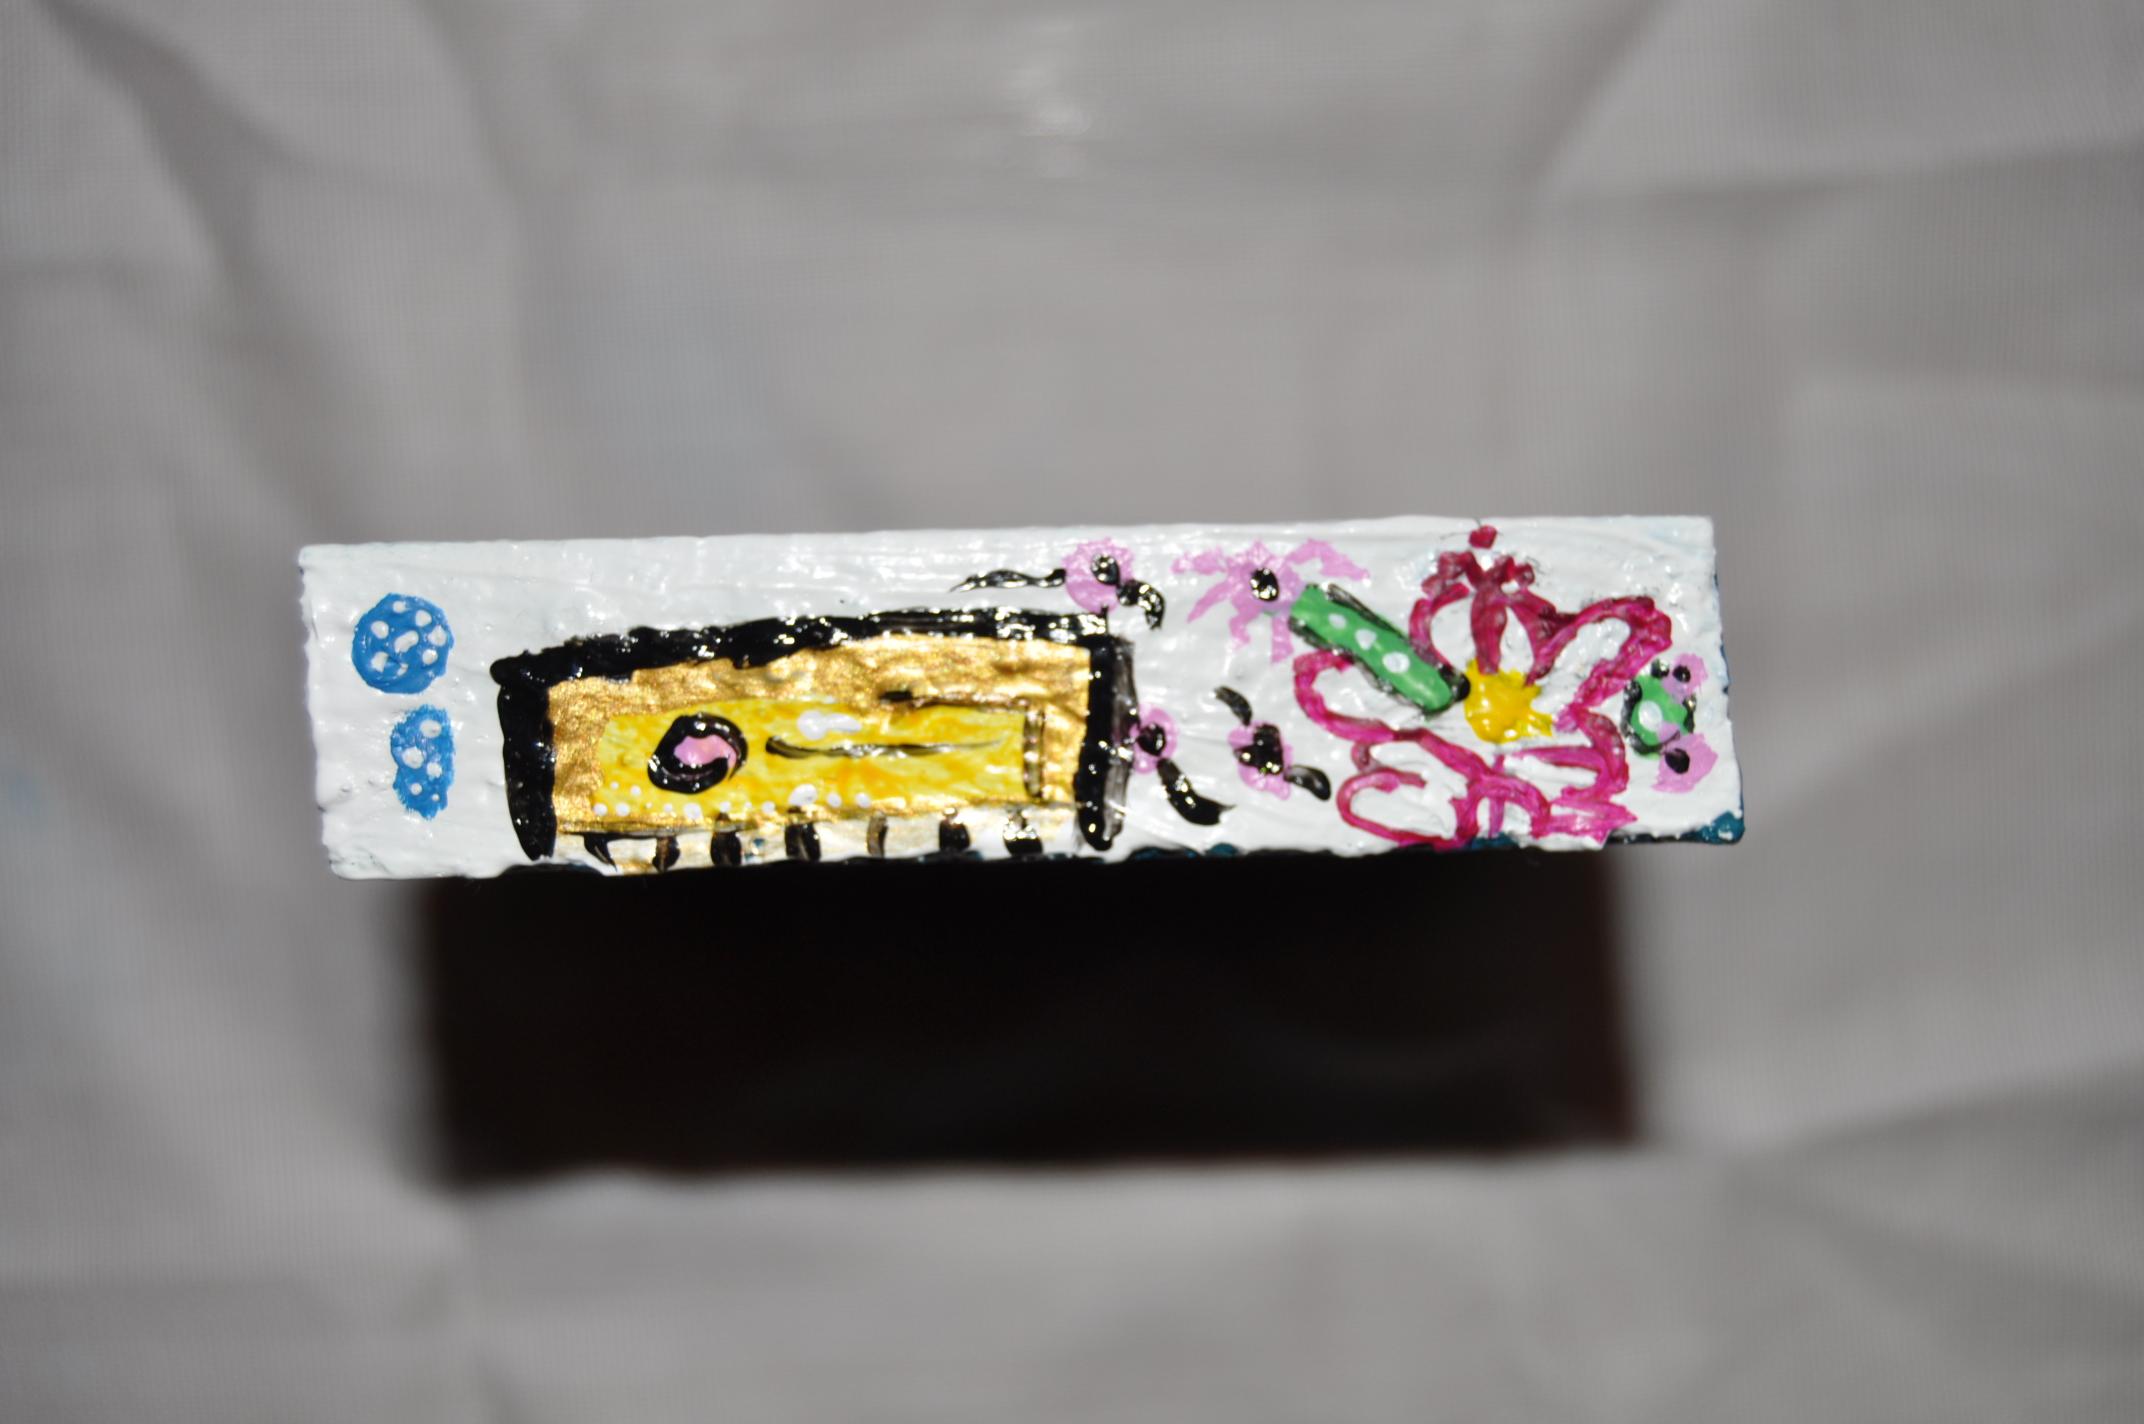 5pintura Acrílico sobre madera.  8x1,5 cm